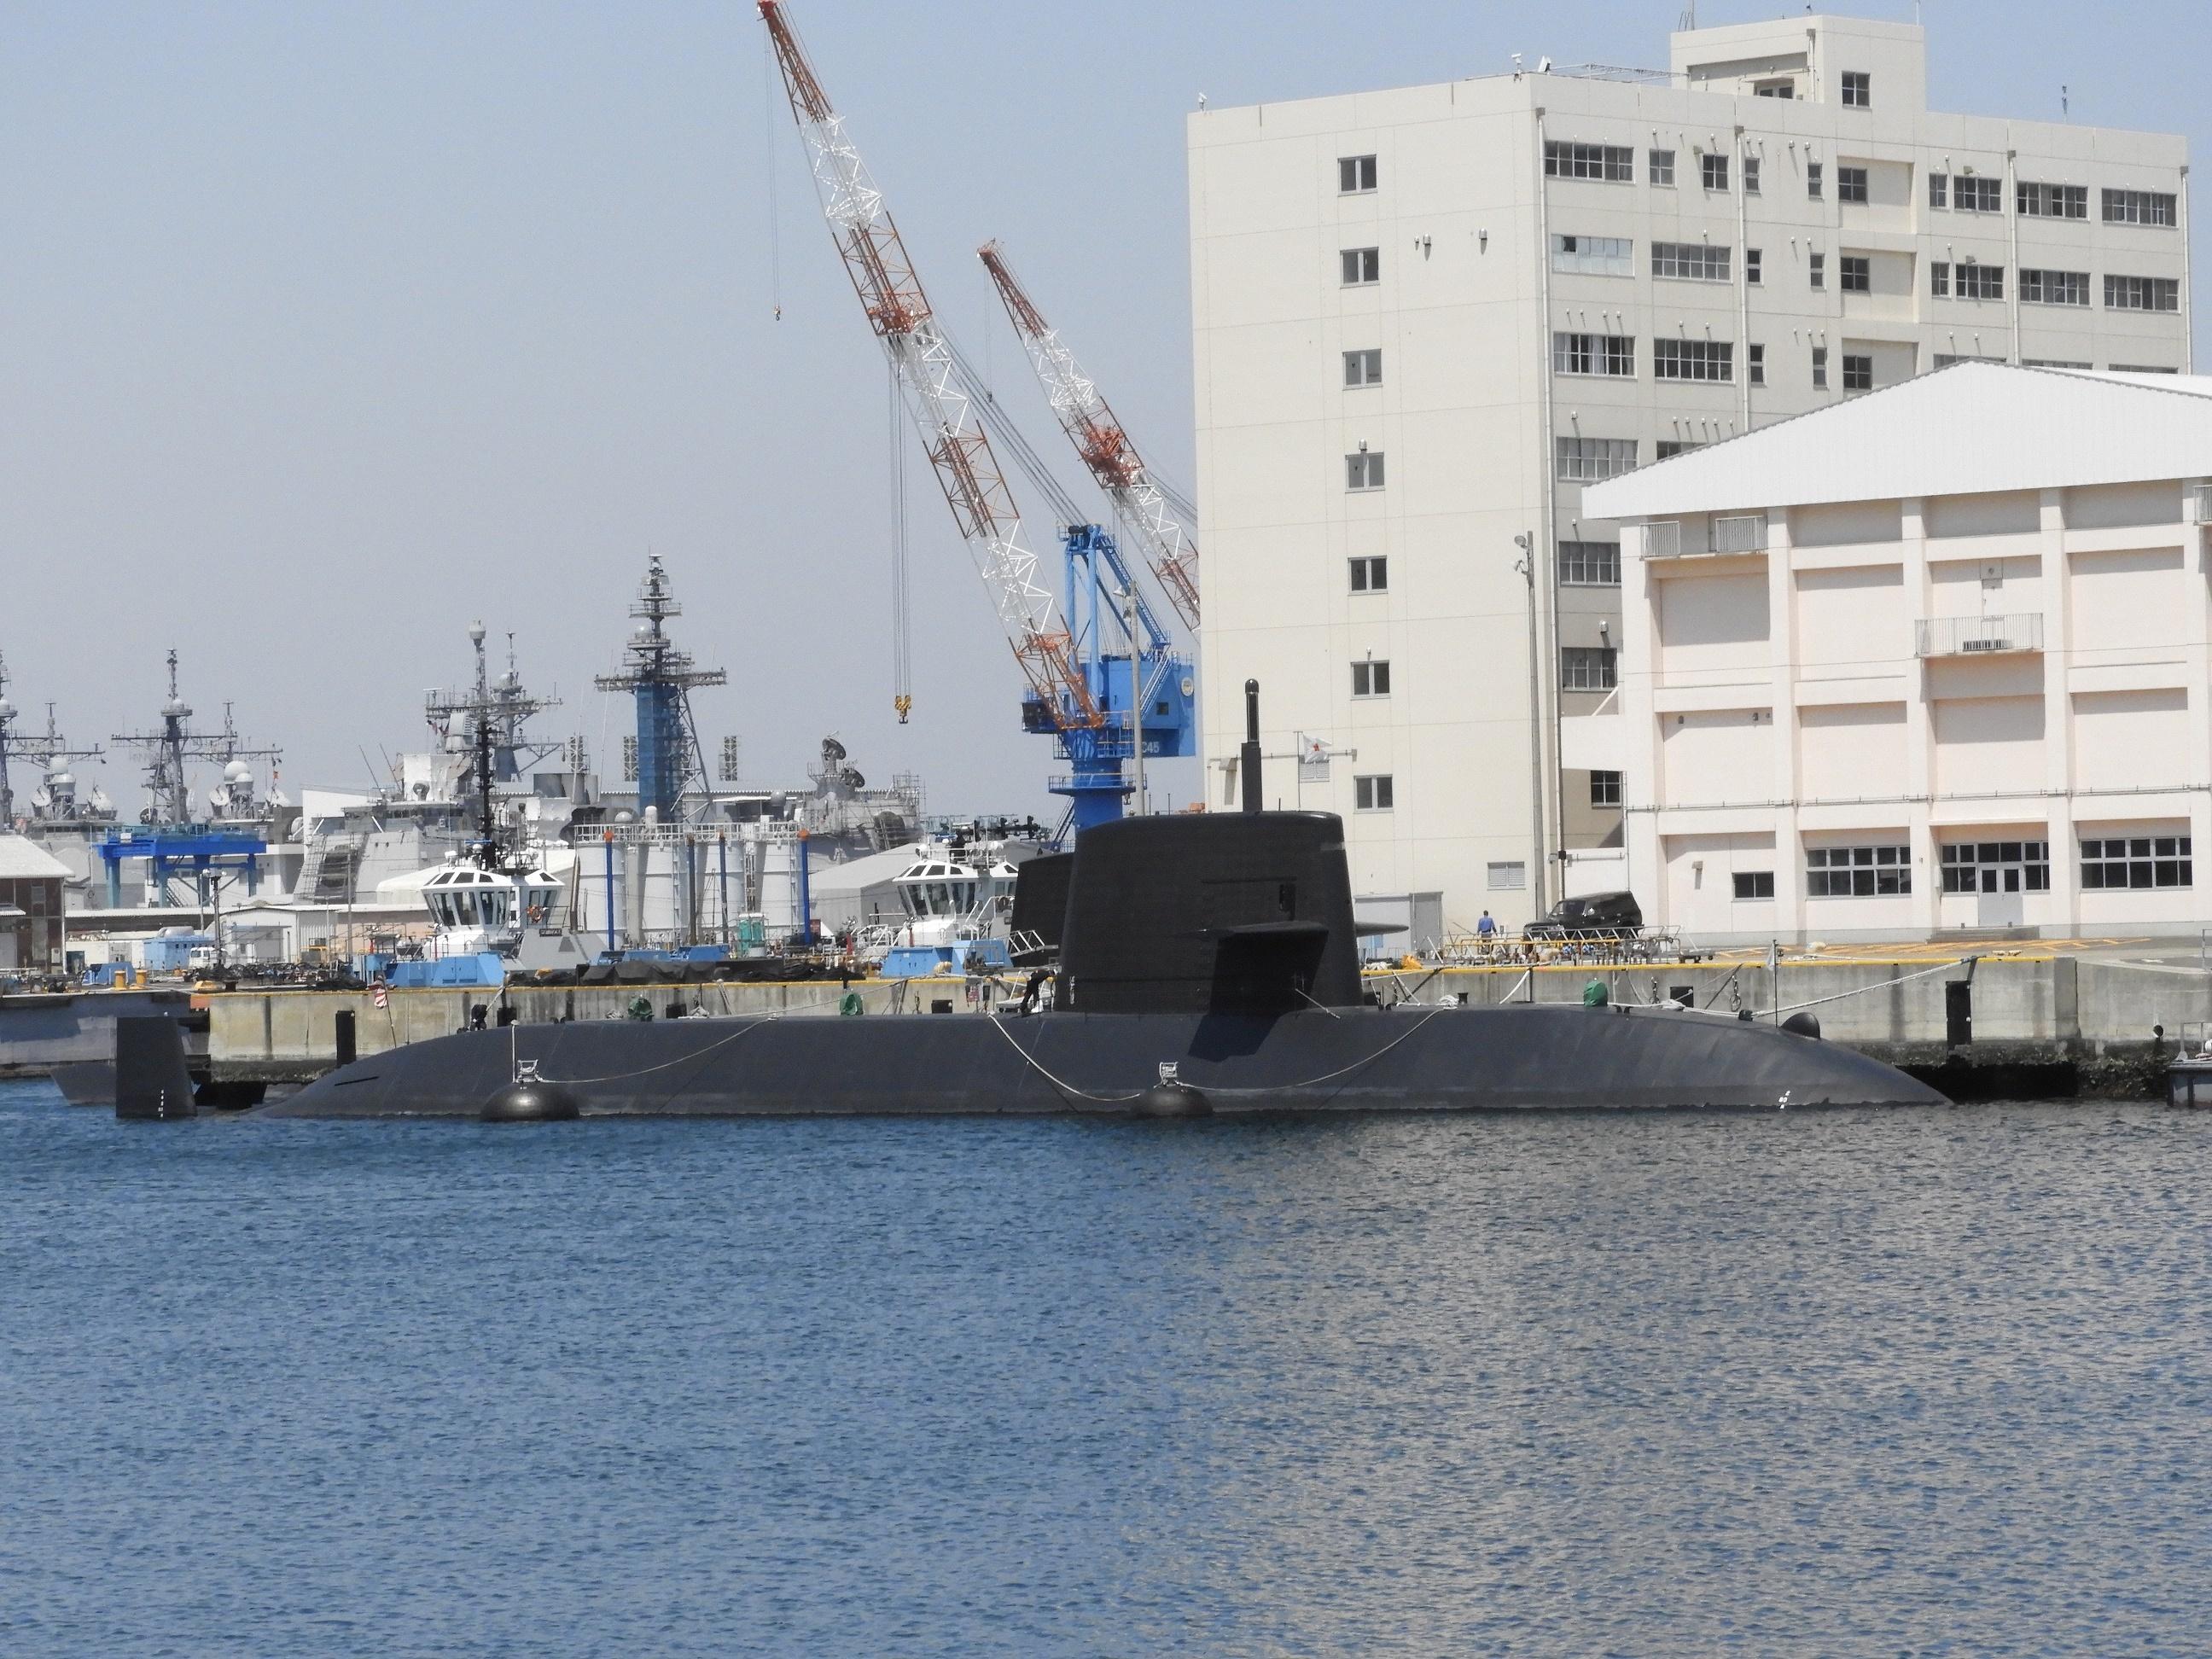 横須賀港潜水艦